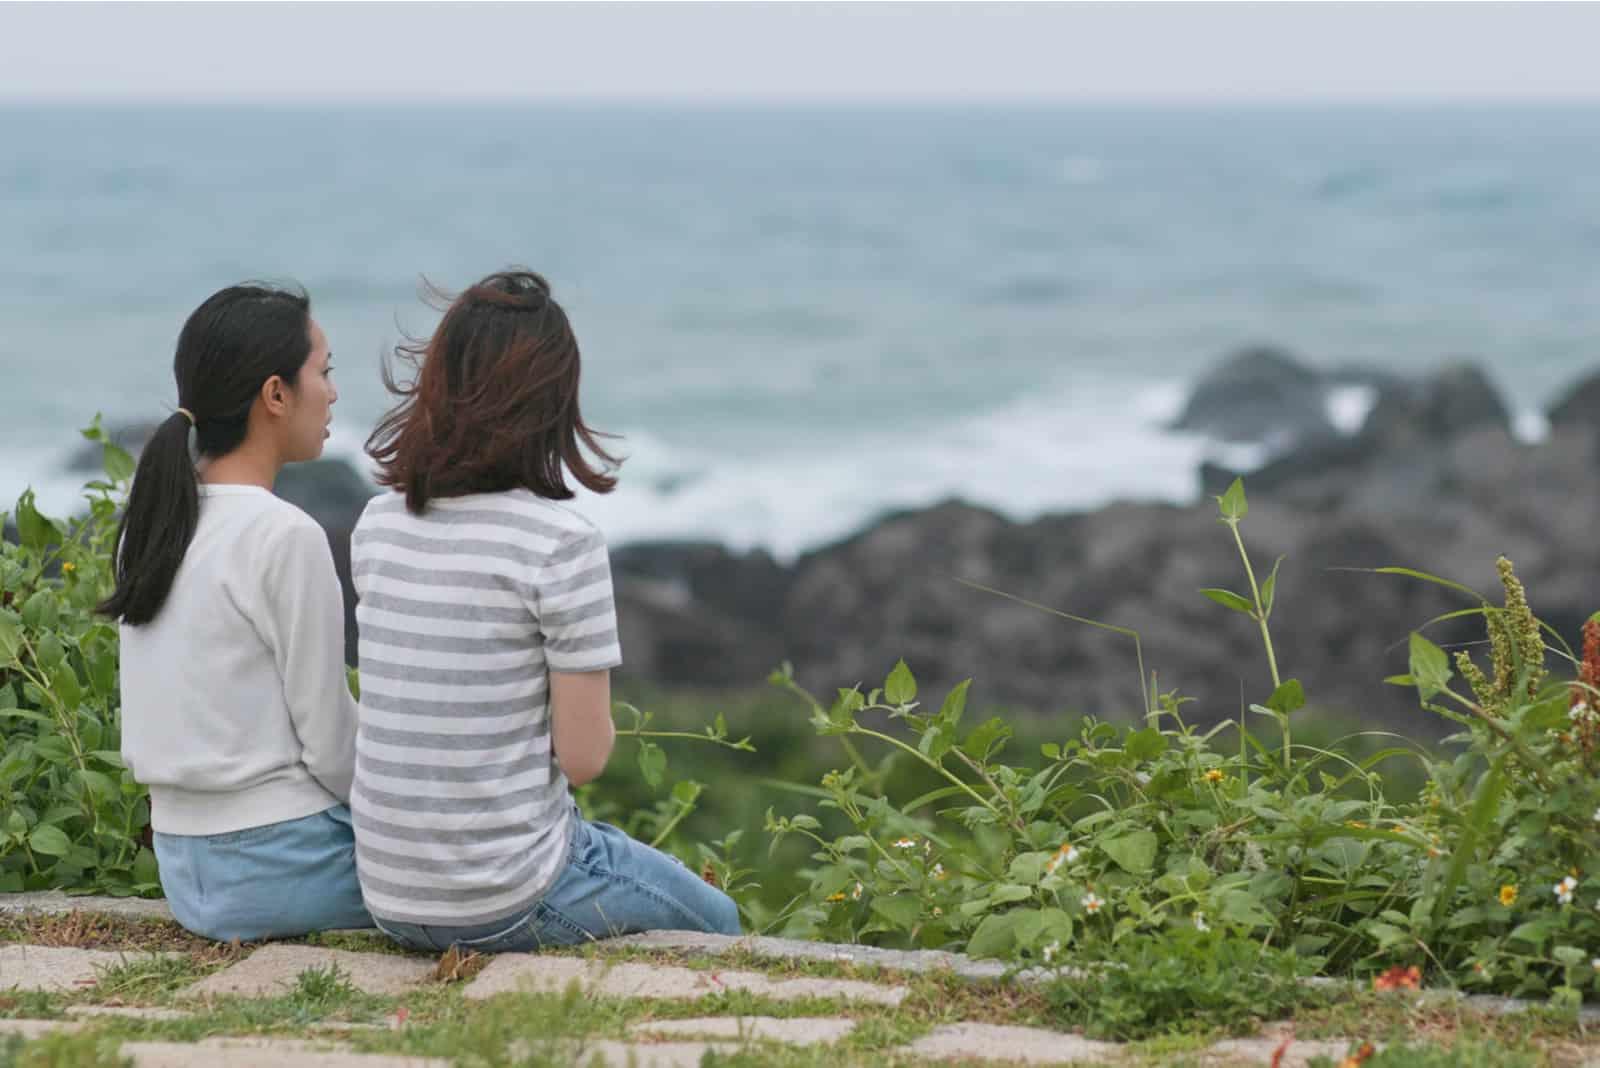 Frauen plaudern und sitzen am Meer